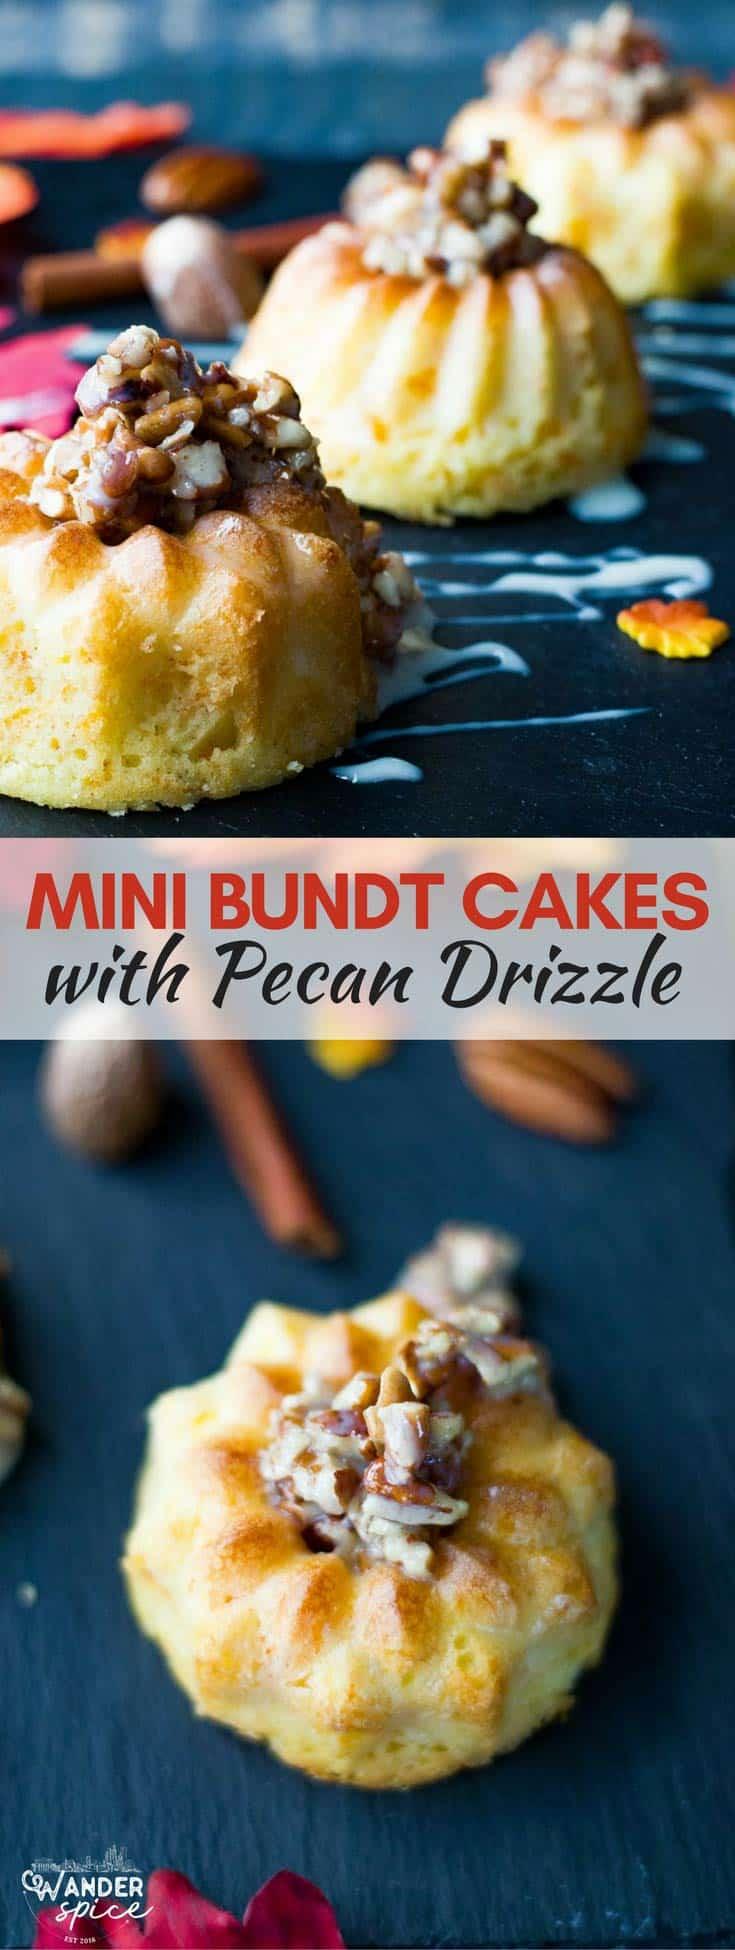 Easy-Bundt-Cake-Recipe-with-Pecans---Mini-Bundts